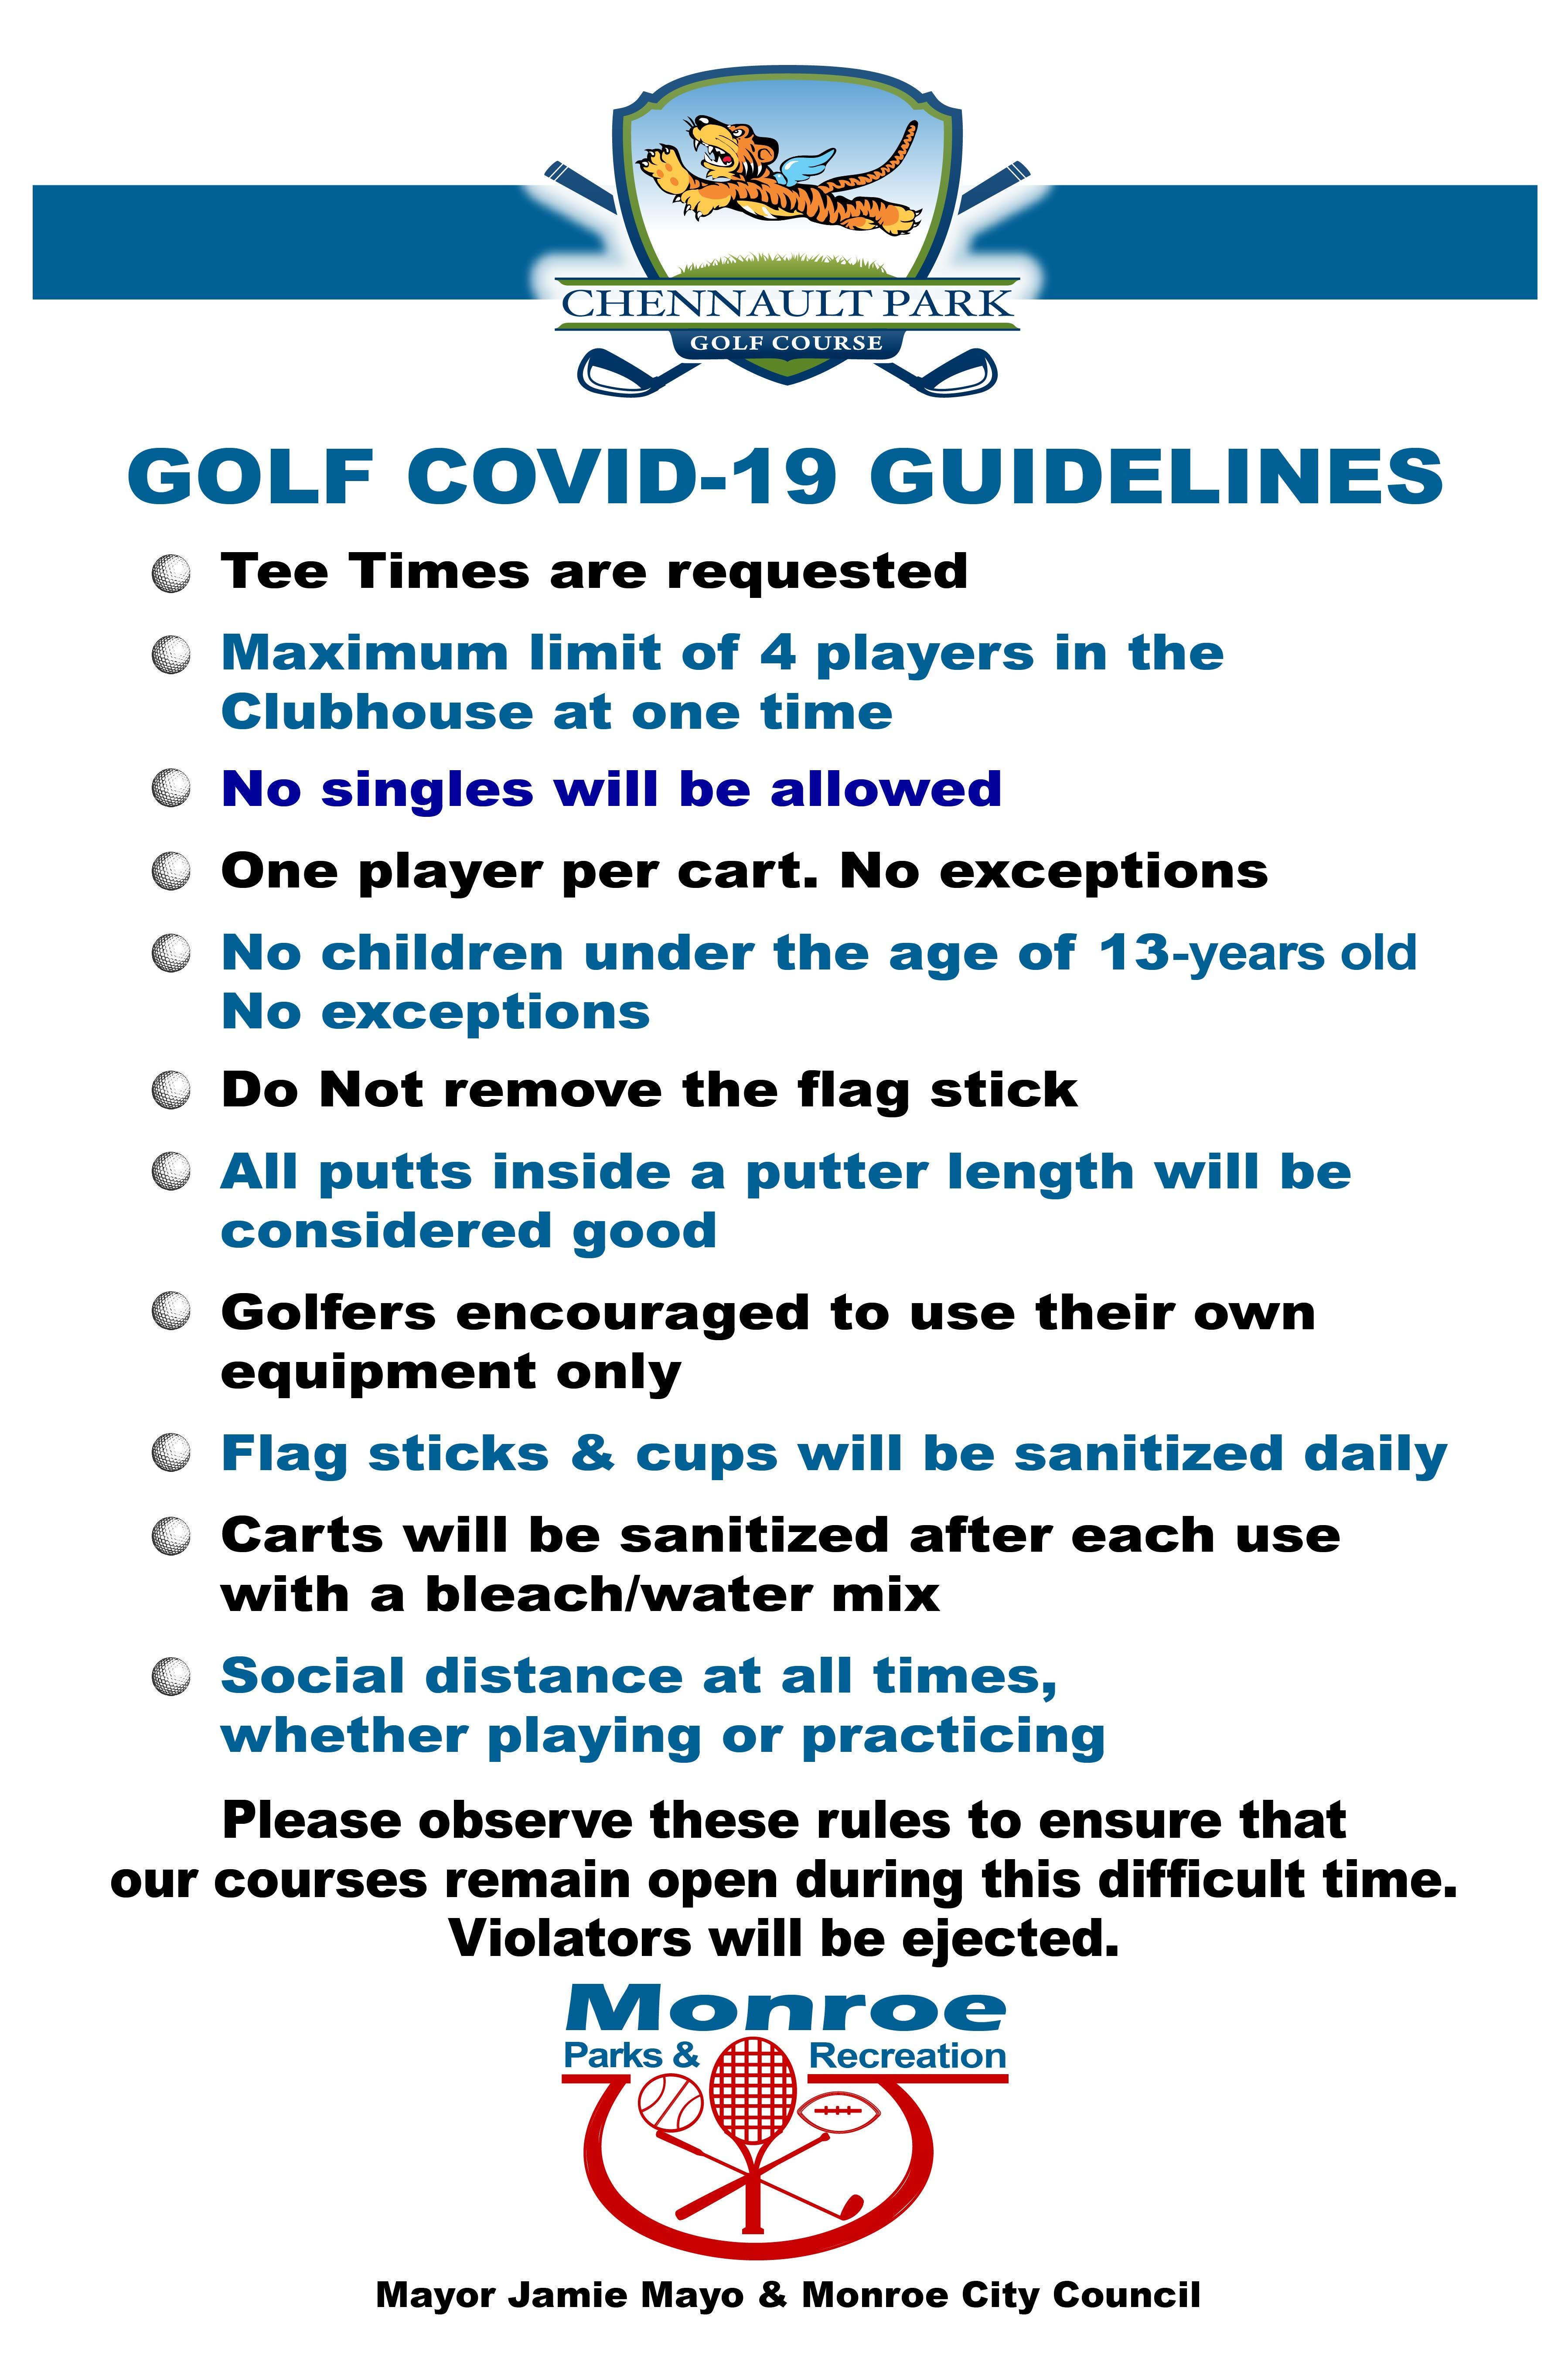 Phase 1 - Golf